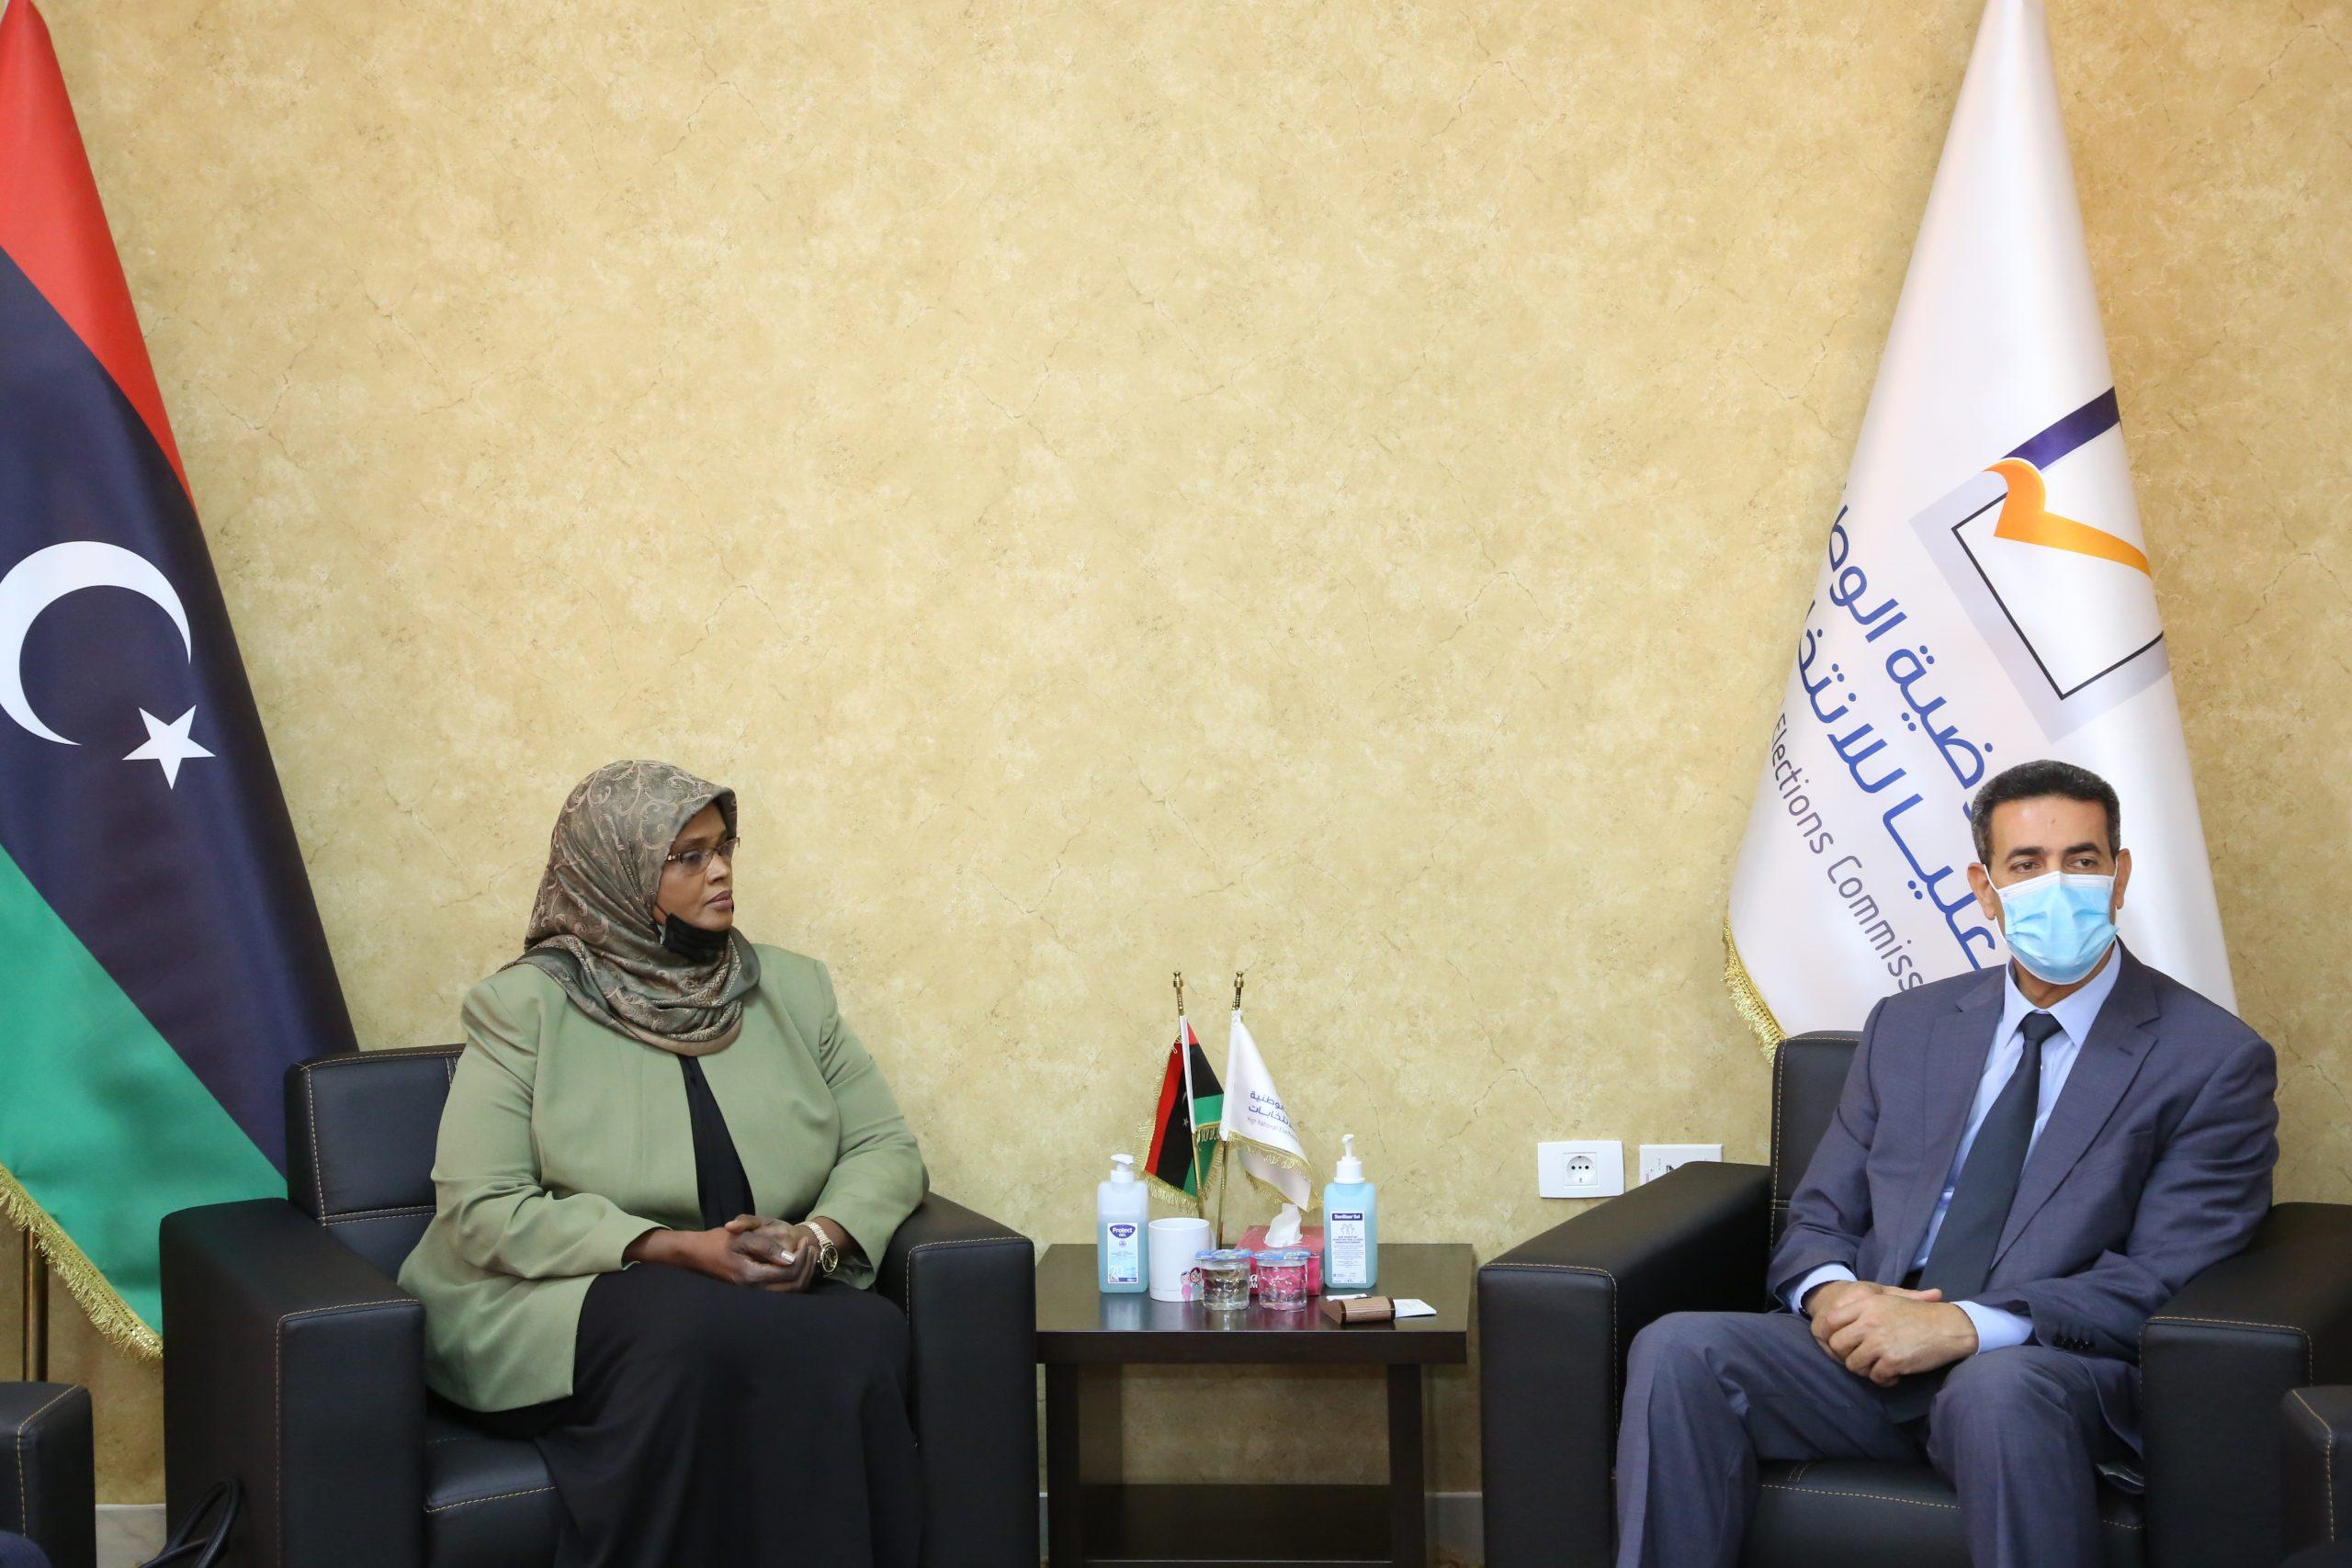 المفوضية تفتتح ملف التعاون مع وزارة الثقافة استعدادا للانتخابات القادمة